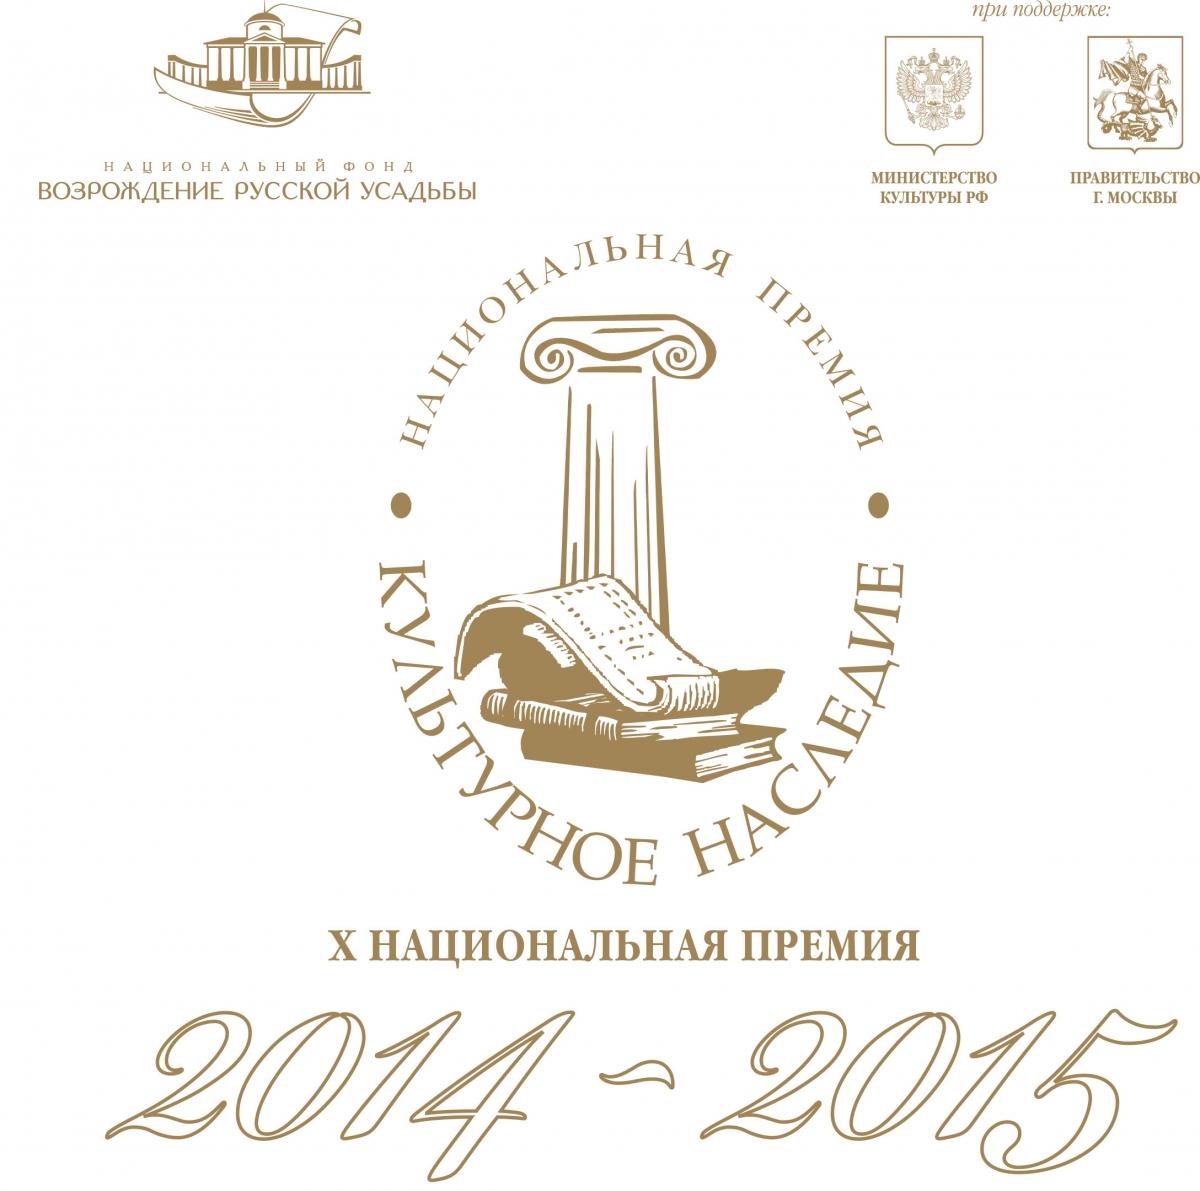 X Национальная Премия  «Культурное Наследие» 2015